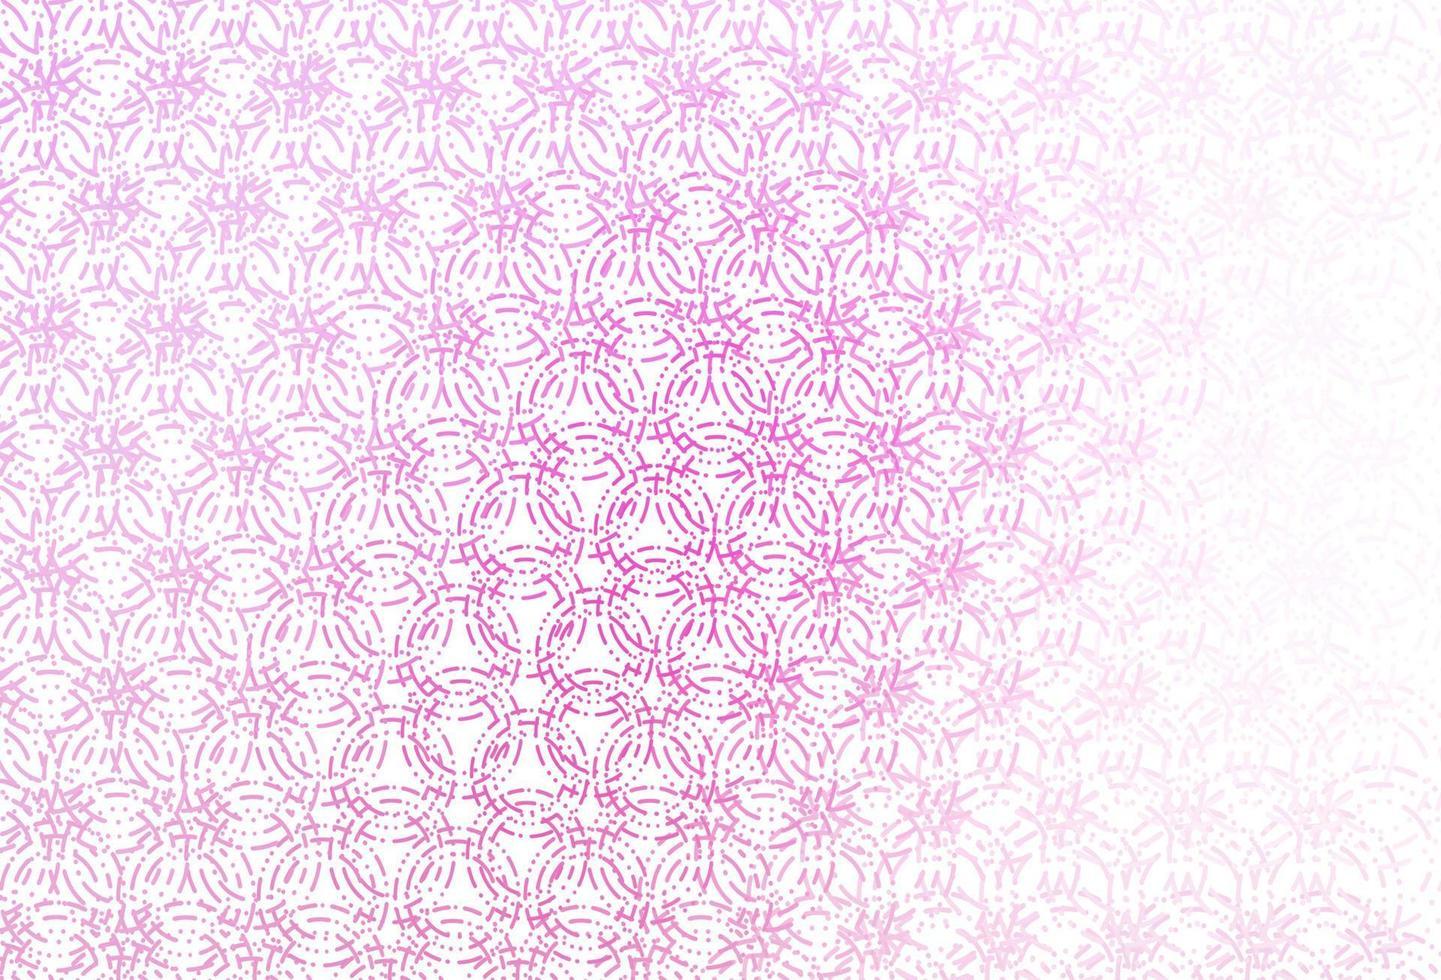 capa de vetor rosa claro com manchas.